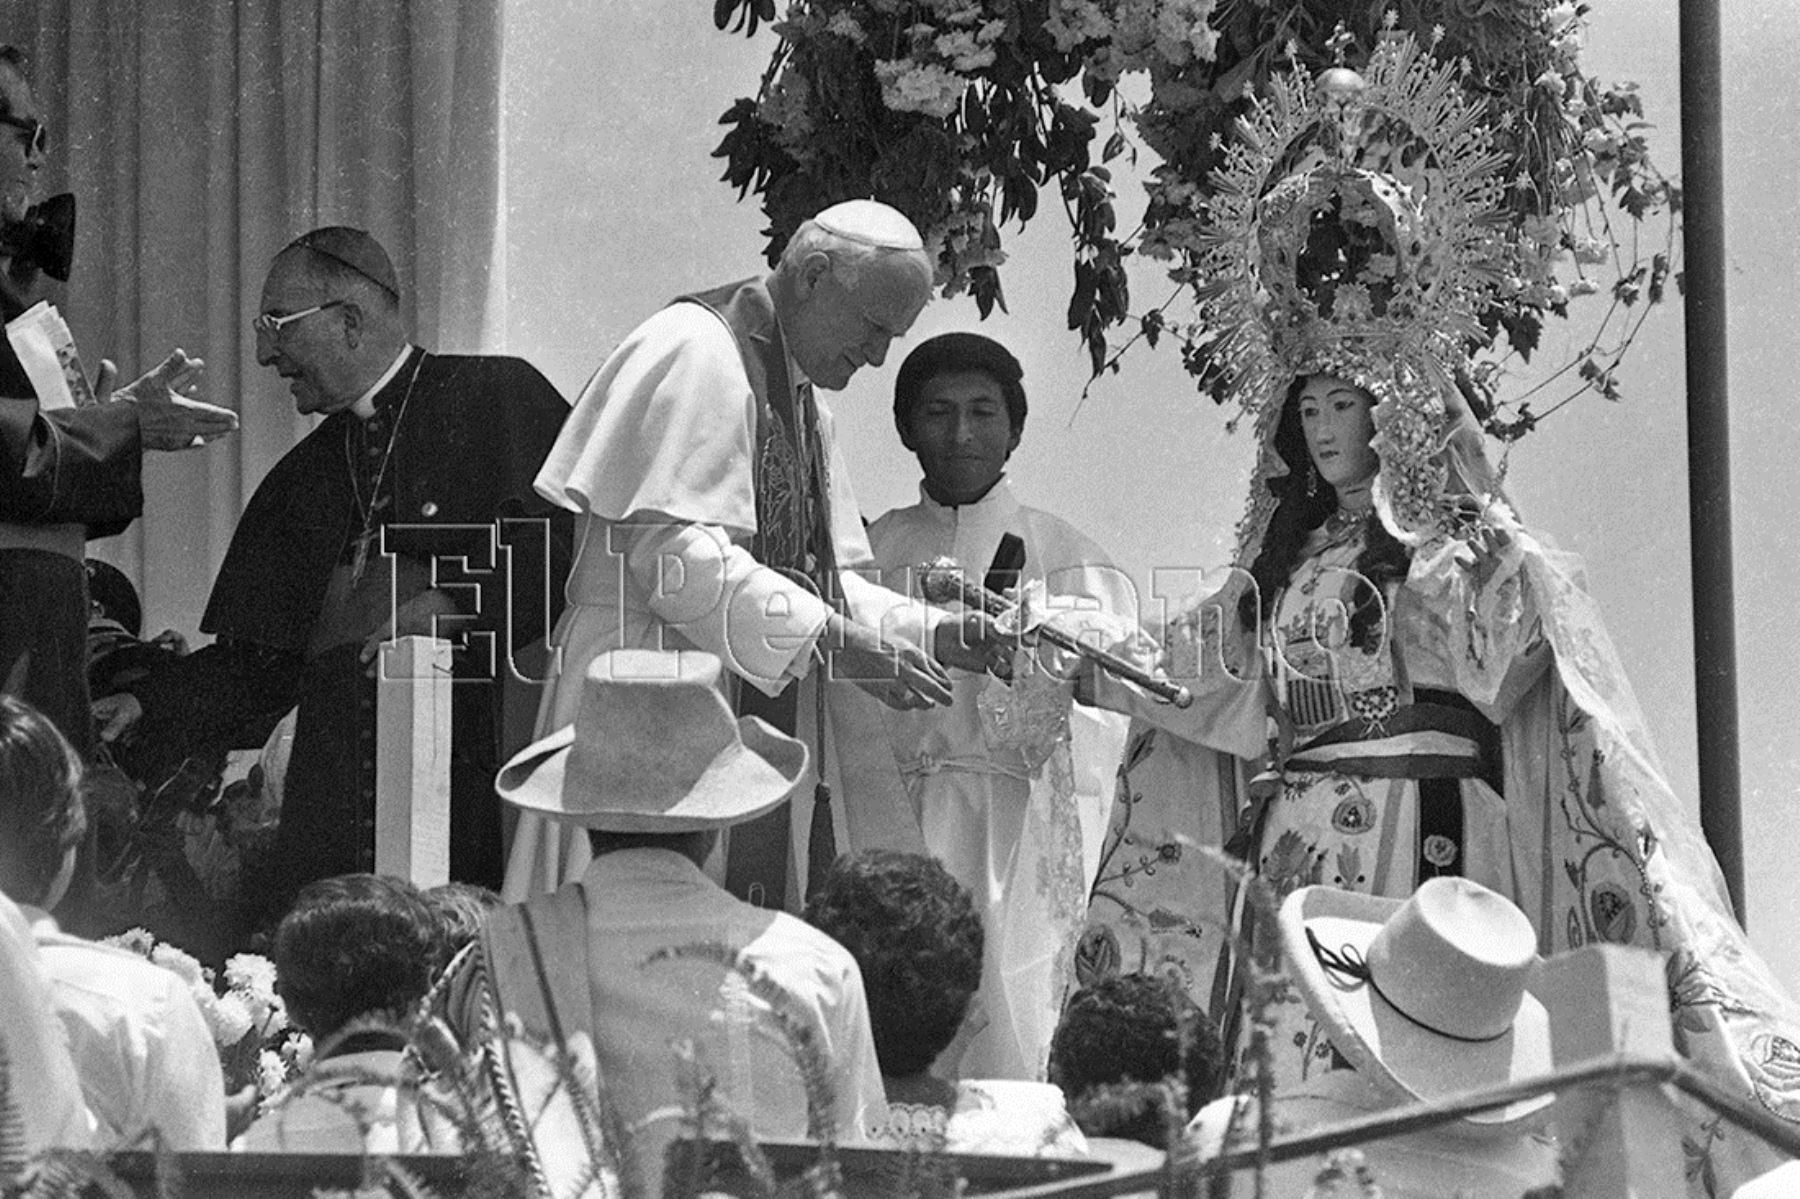 Arequipa (1985) En su segundo día de visita oficial al Perú, Juan Pablo II canonizó a Sor Ana Monteagudo y coronó la imagen de la Virgen de Chapi, patrona de Arequipa.